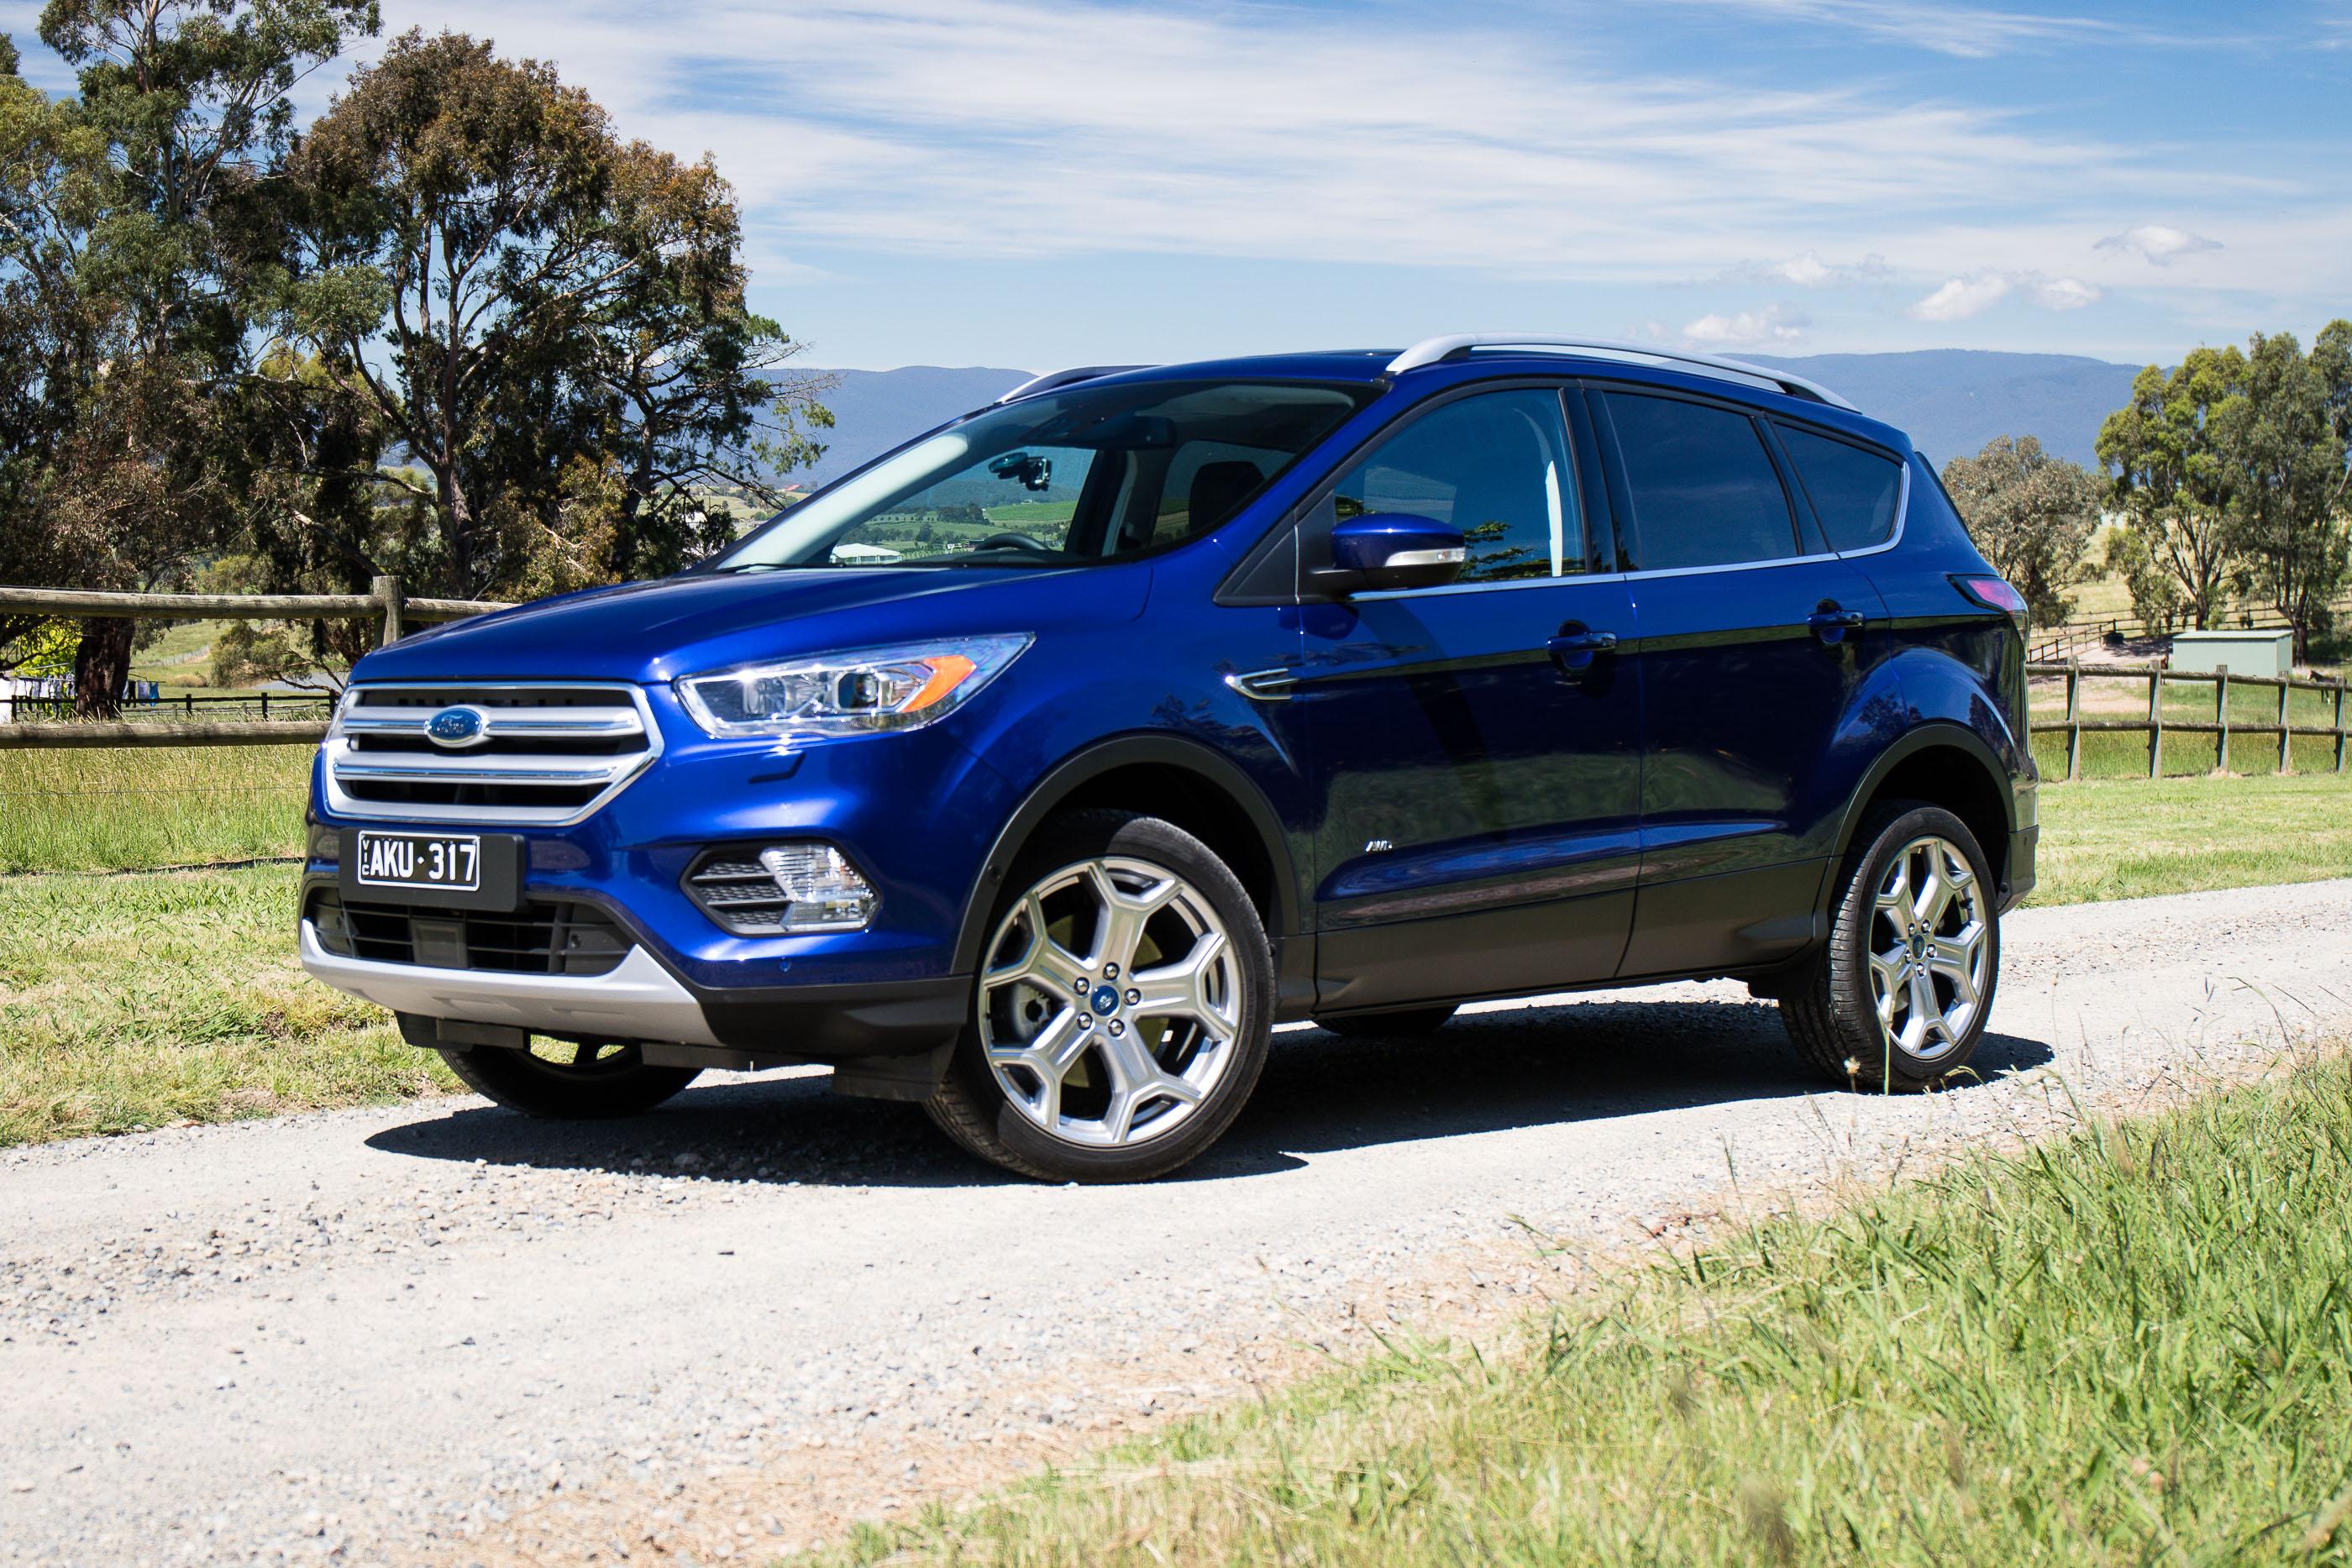 Ford Escape photo 171855